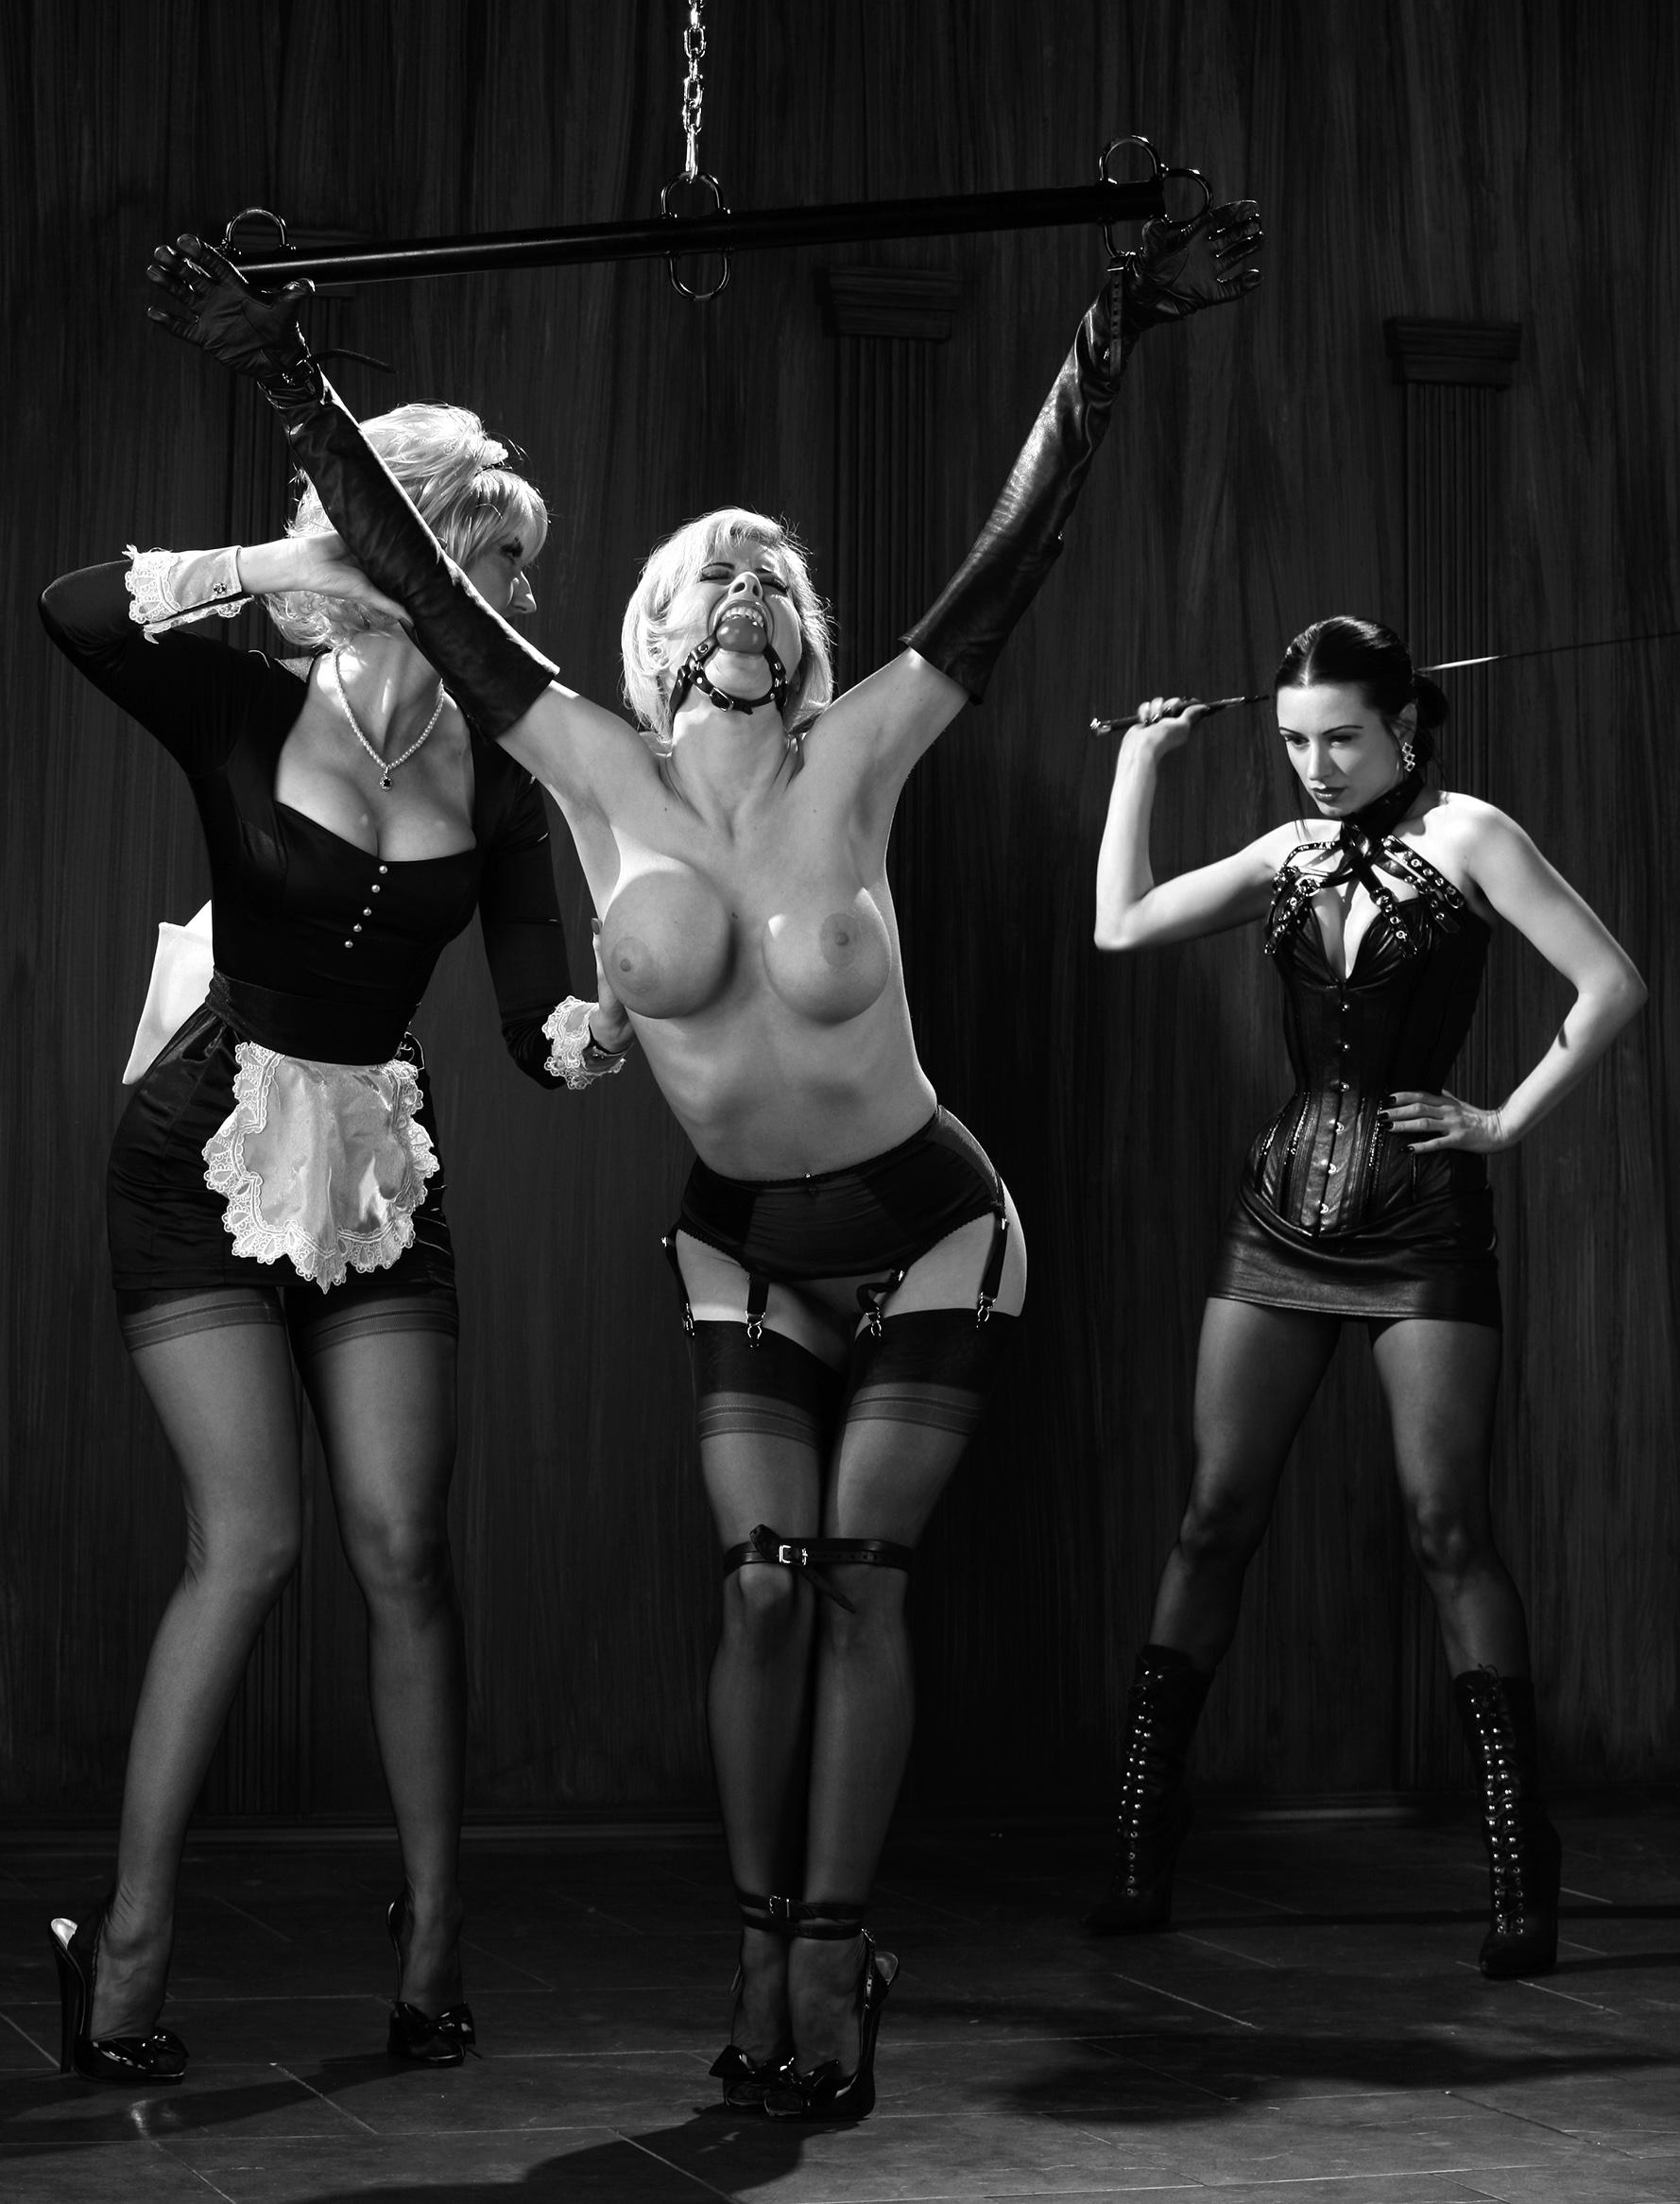 Press_HistoryOfSexualPunishment_10.jpg